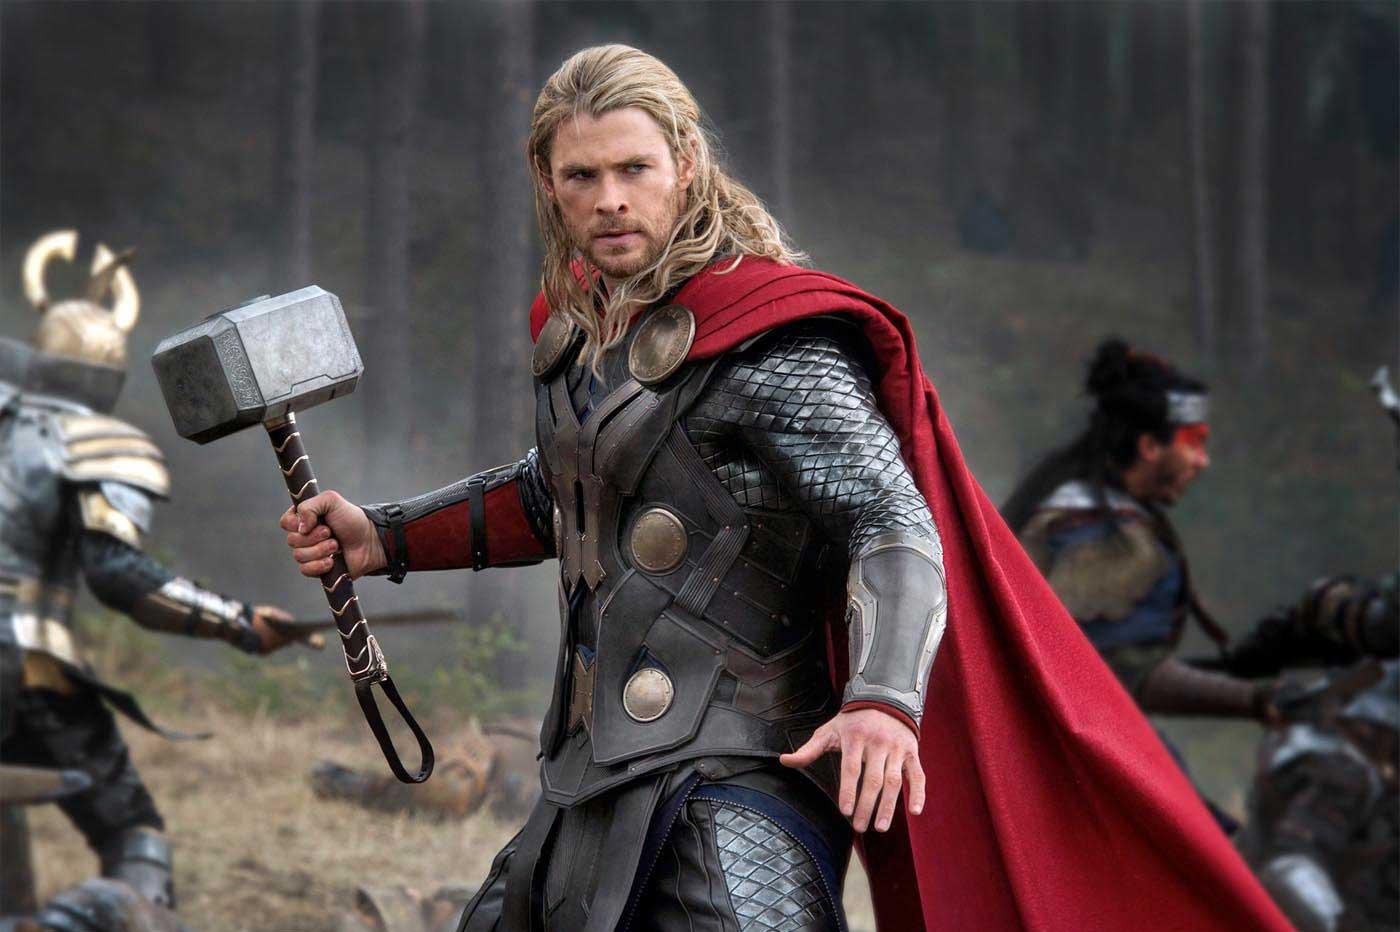 Крис Хемсворт показал, что забрал сосъемок фильмов Marvel. Ипохвалил сценарий нового «Тора»